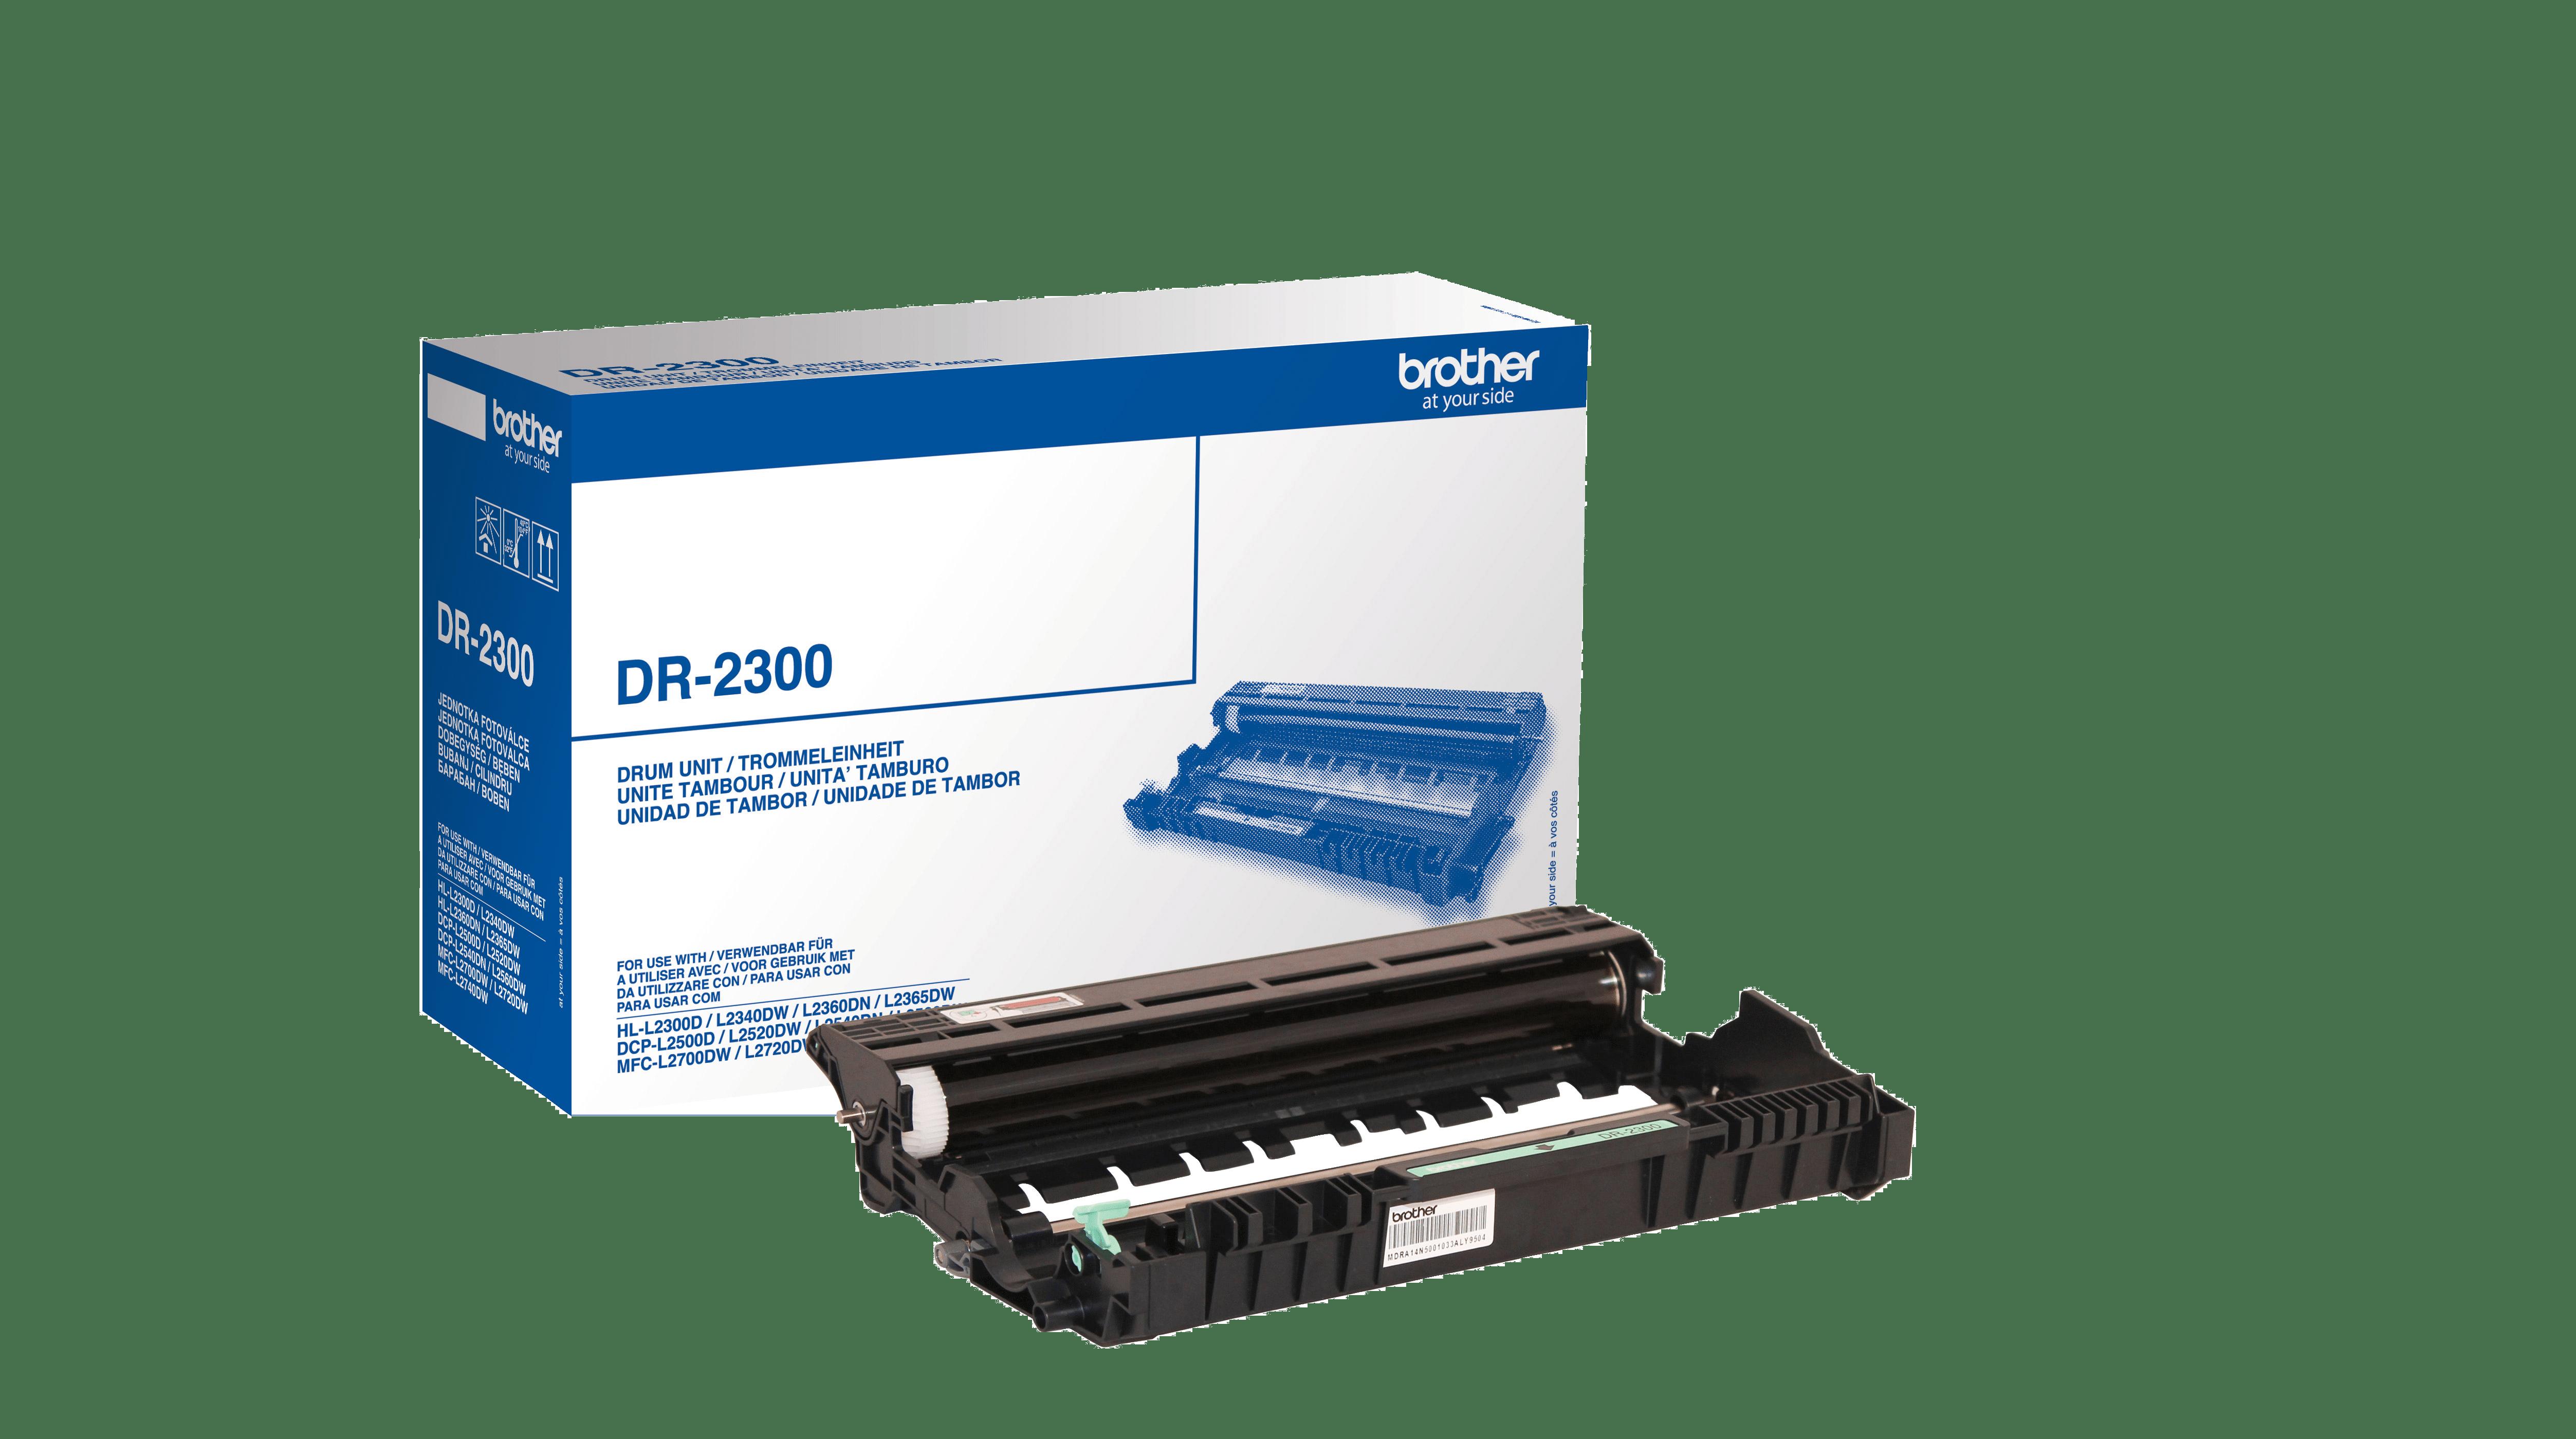 Oryginalny zespół bębna DR-2300 firmy Brother